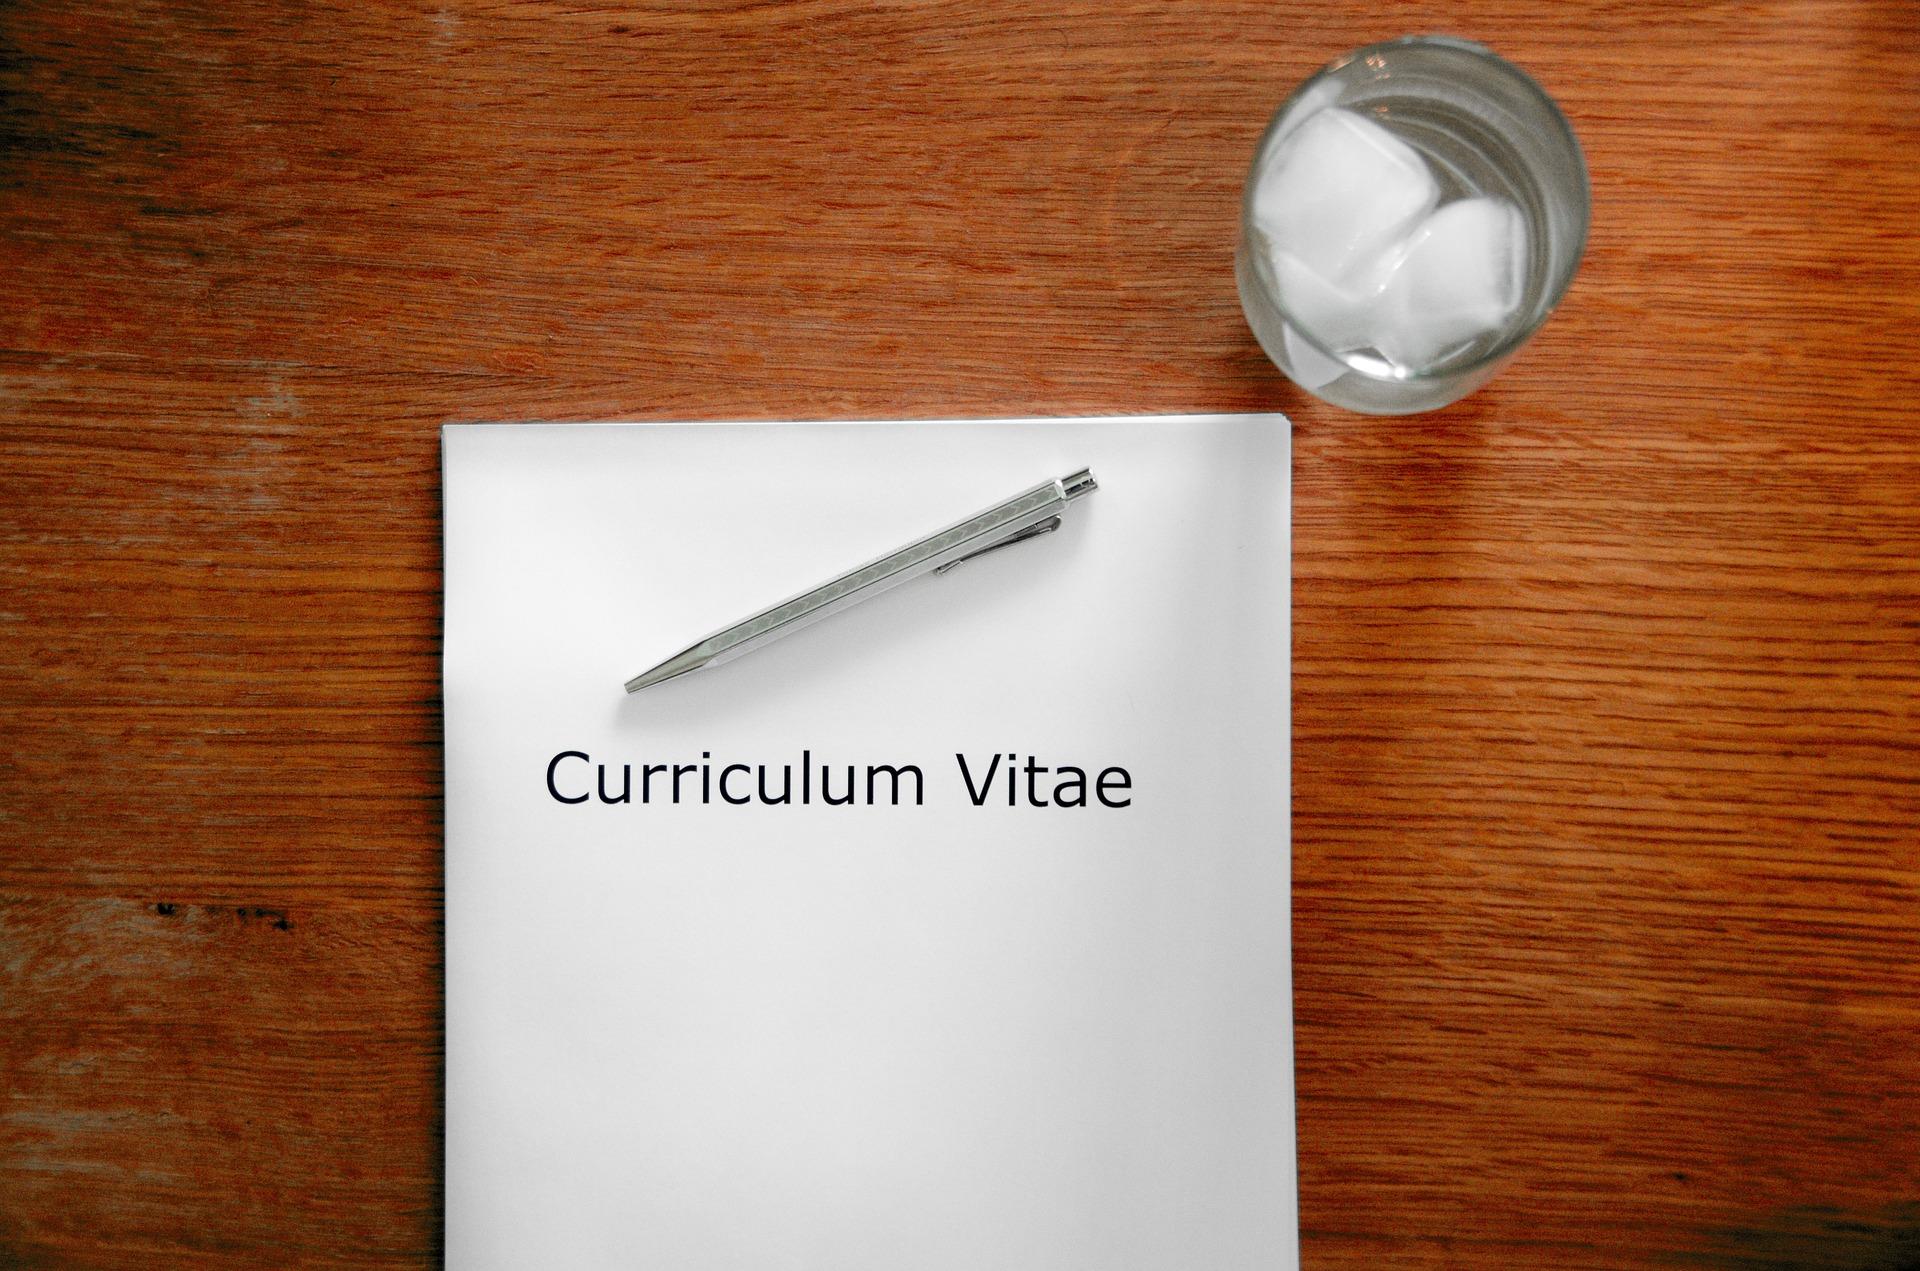 Servizi revisione Curriculum Vitae e Accompagnamento 1° colloquio di lavoro